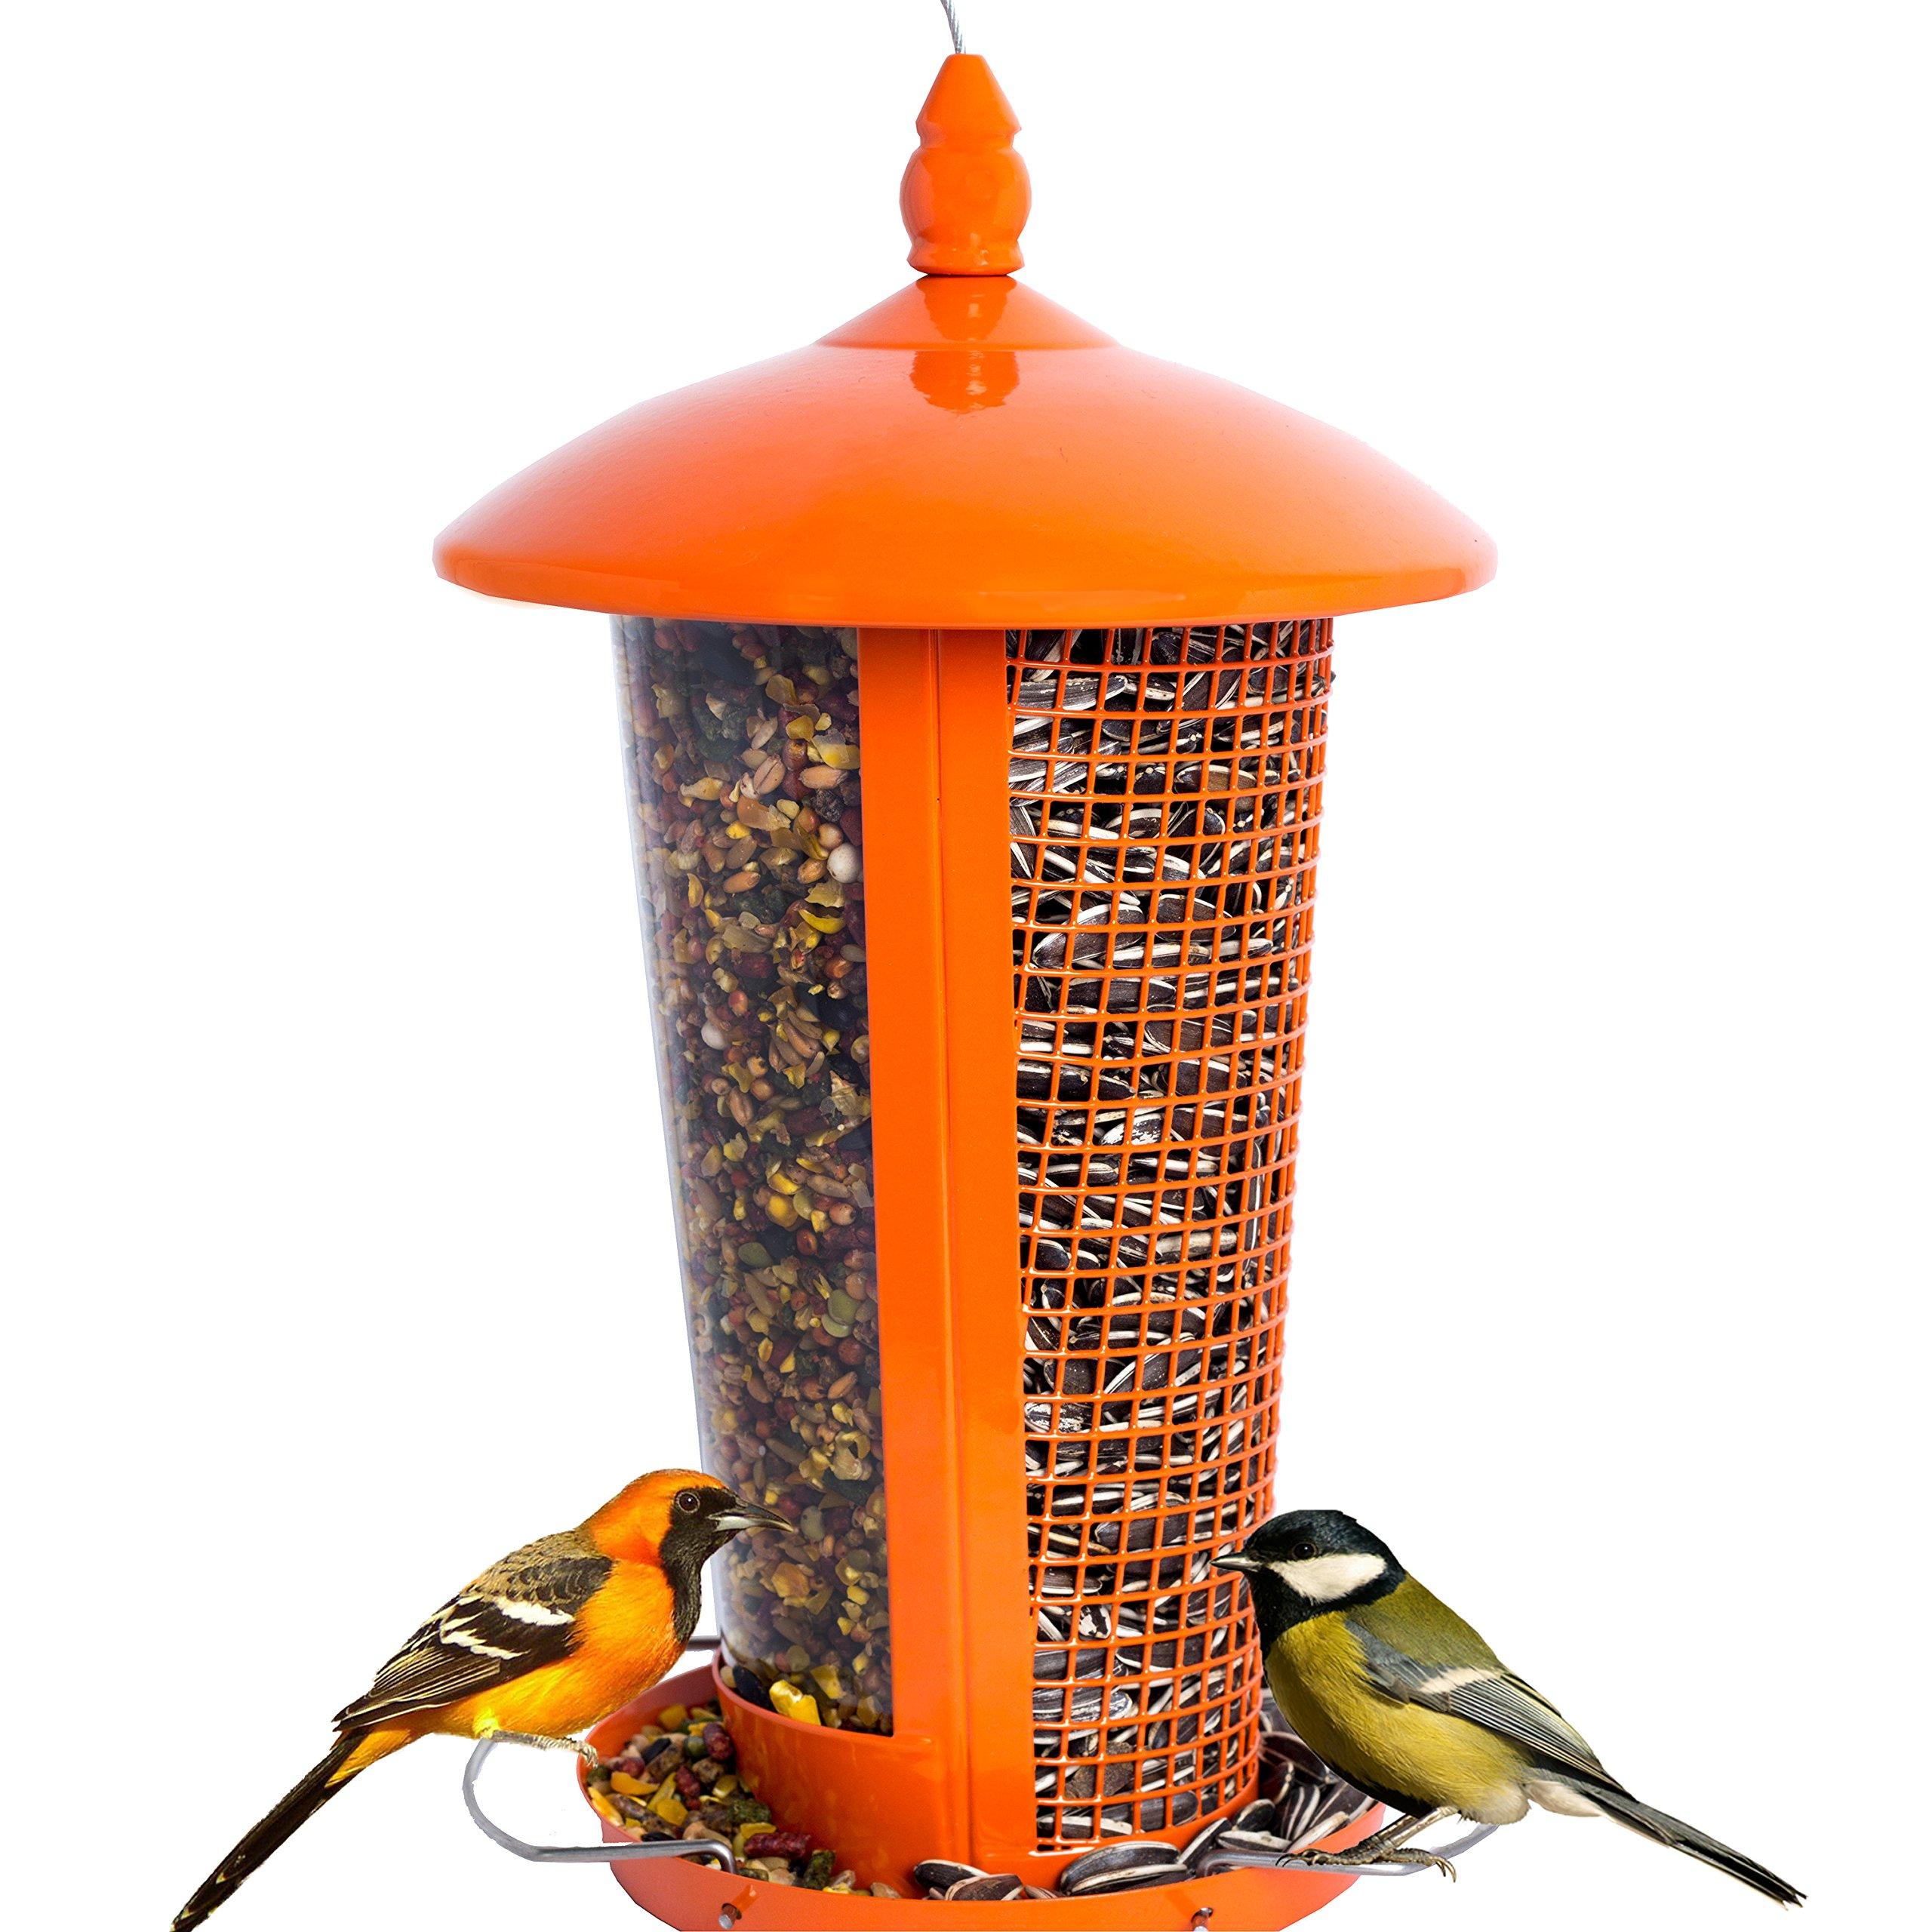 CHILIPET El Mejor Alimentador de Aves Silvestres para Decorar tu Casa o Jardín, Diseñado para Todo Tipo de Semillas, Cacahuetes y Frutas Secas, Comedero Decorativo para Exterior.: Amazon.es: Jardín